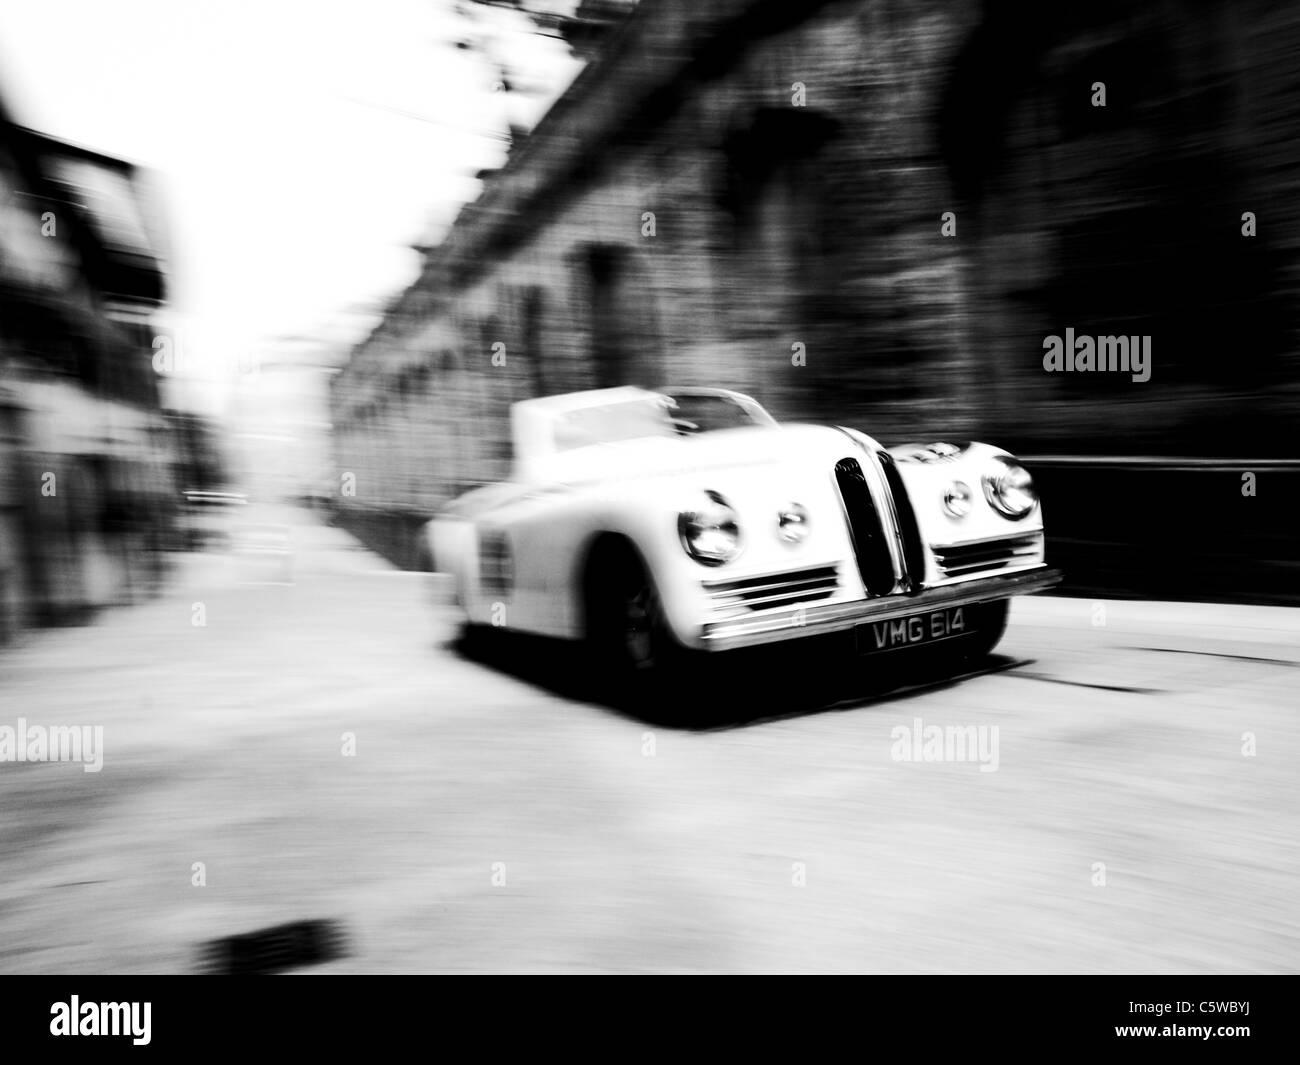 Mille Miglia 2011, San Marino - Stock Image